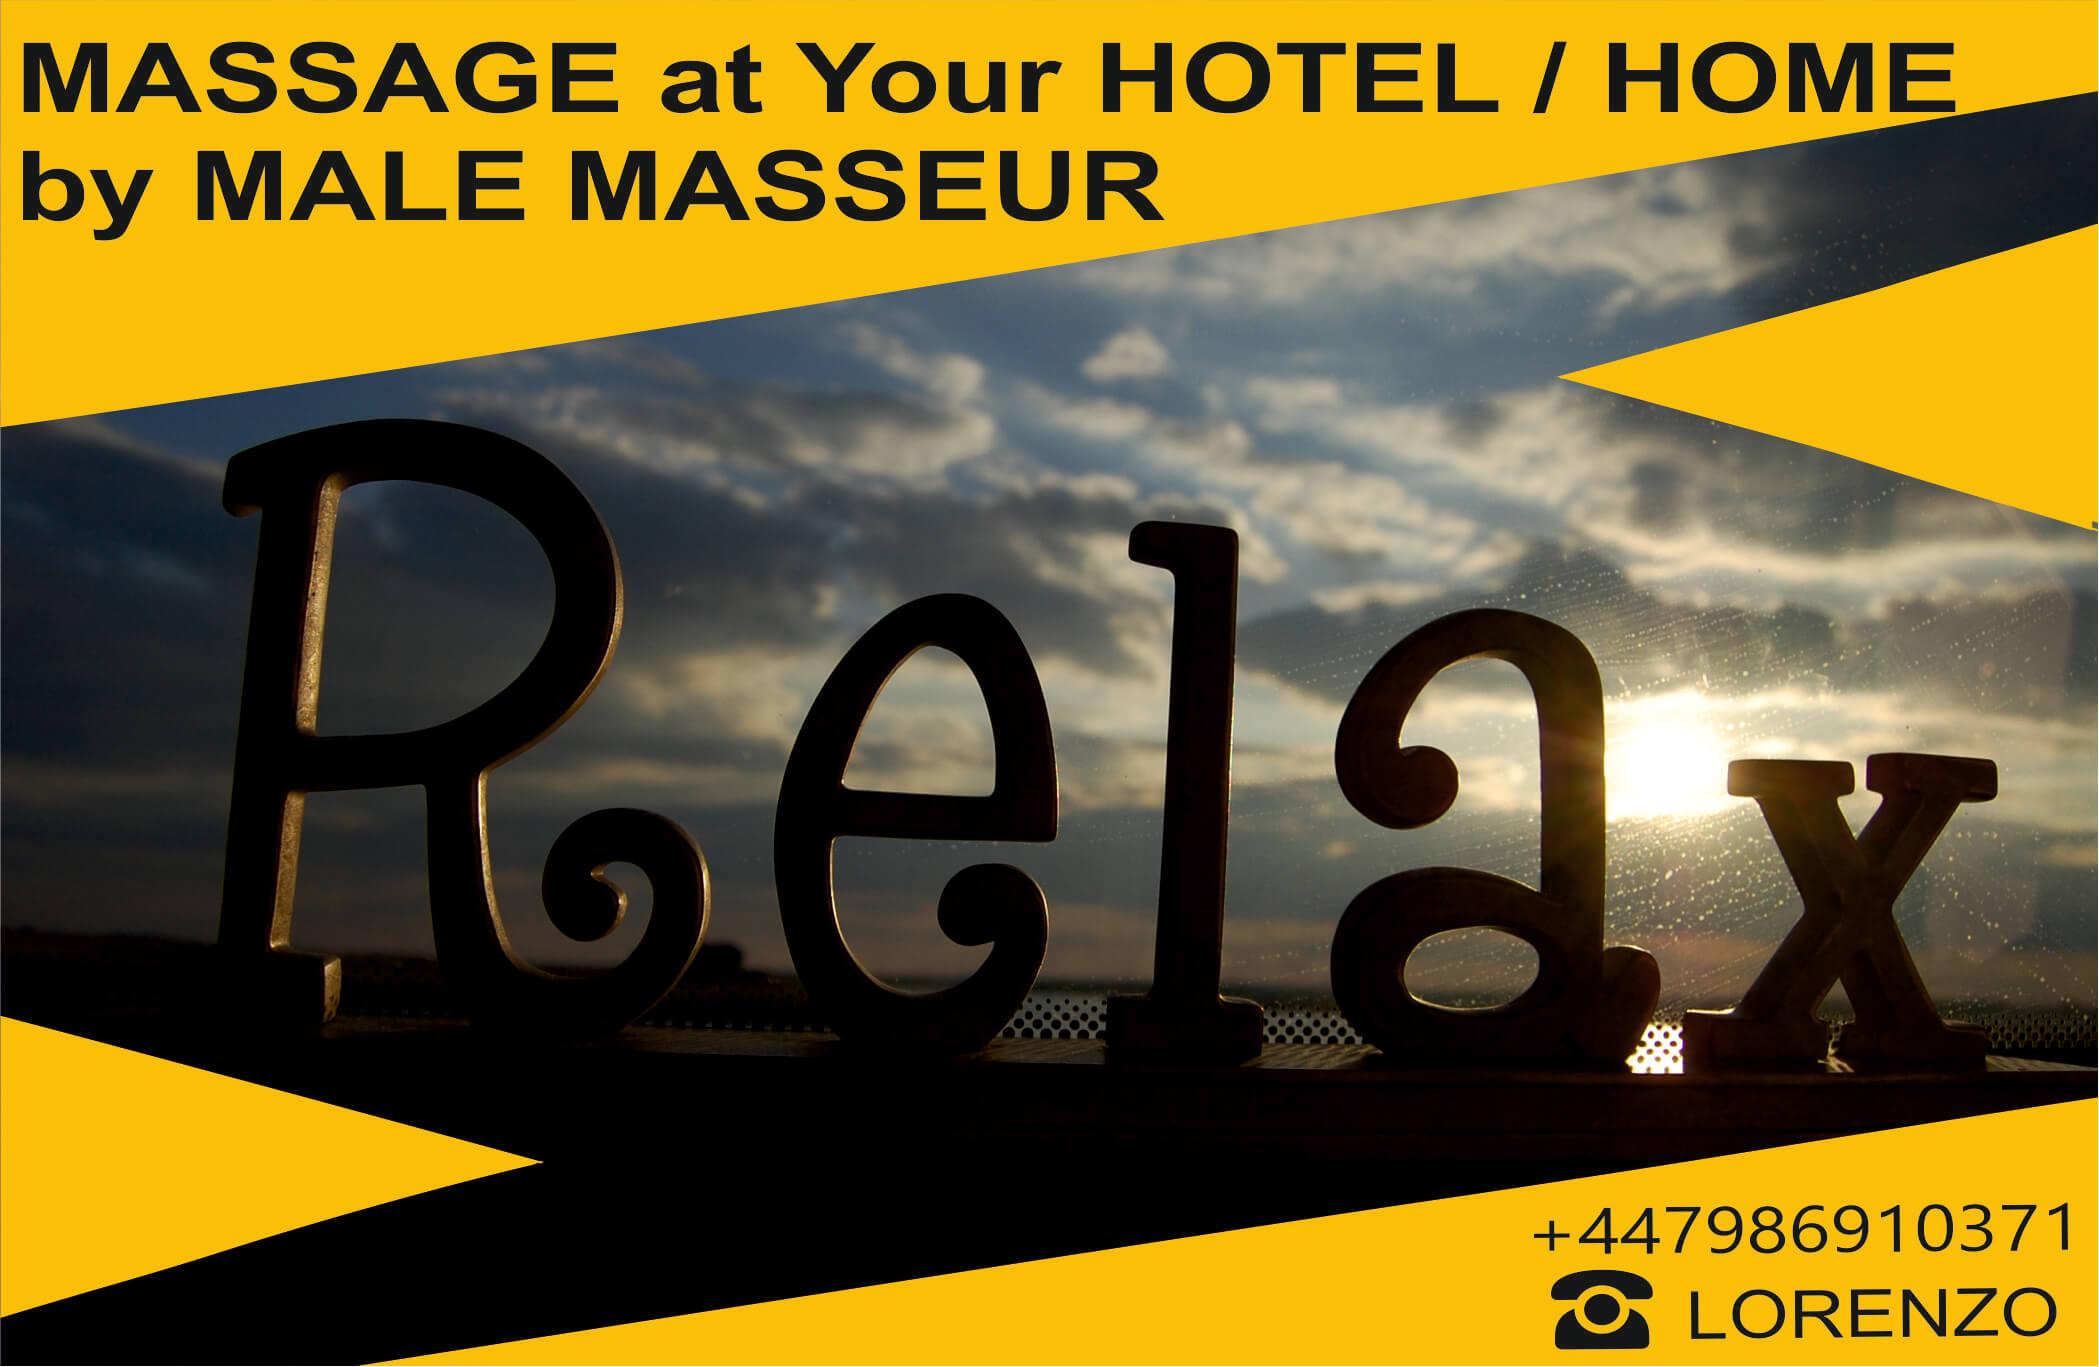 massage male masseur,  mobile male massage London, Hotel massage London, Home Massage London (2)